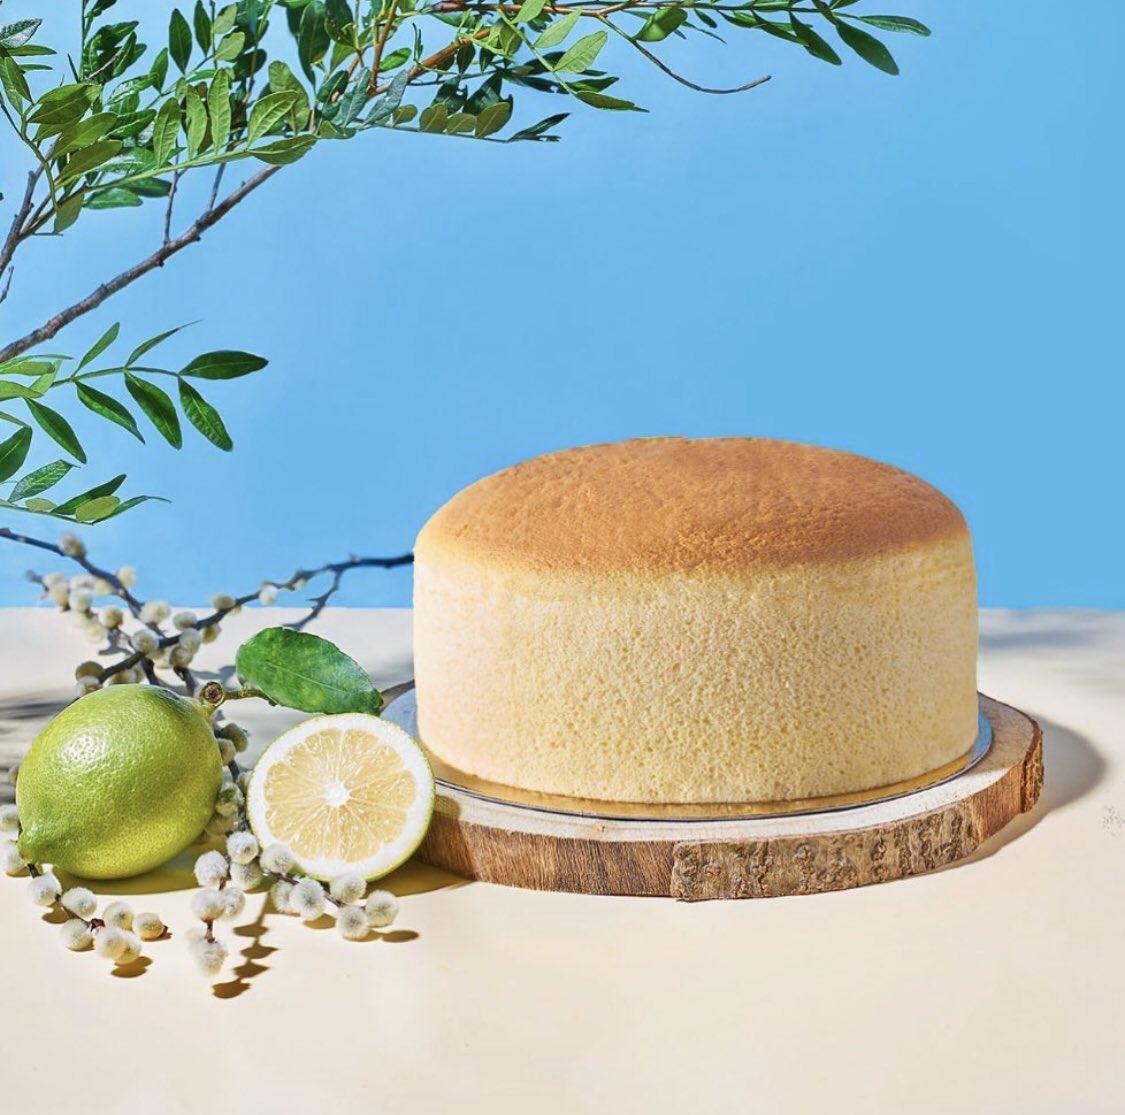 """Panda Patisserie on Twitter: """"RESERVA YA nuestra TARTA DE NAVIDAD o COTTON  CHEESECAKE en nuestra web⬇️ 🍰 Tarta de Navidad: 28,50€ [6-8por]/38,50€  [8-12 por] 🥧 Cotton cheesecake: 19,95€ [6-8 por] 🎄Tronco Navidad"""